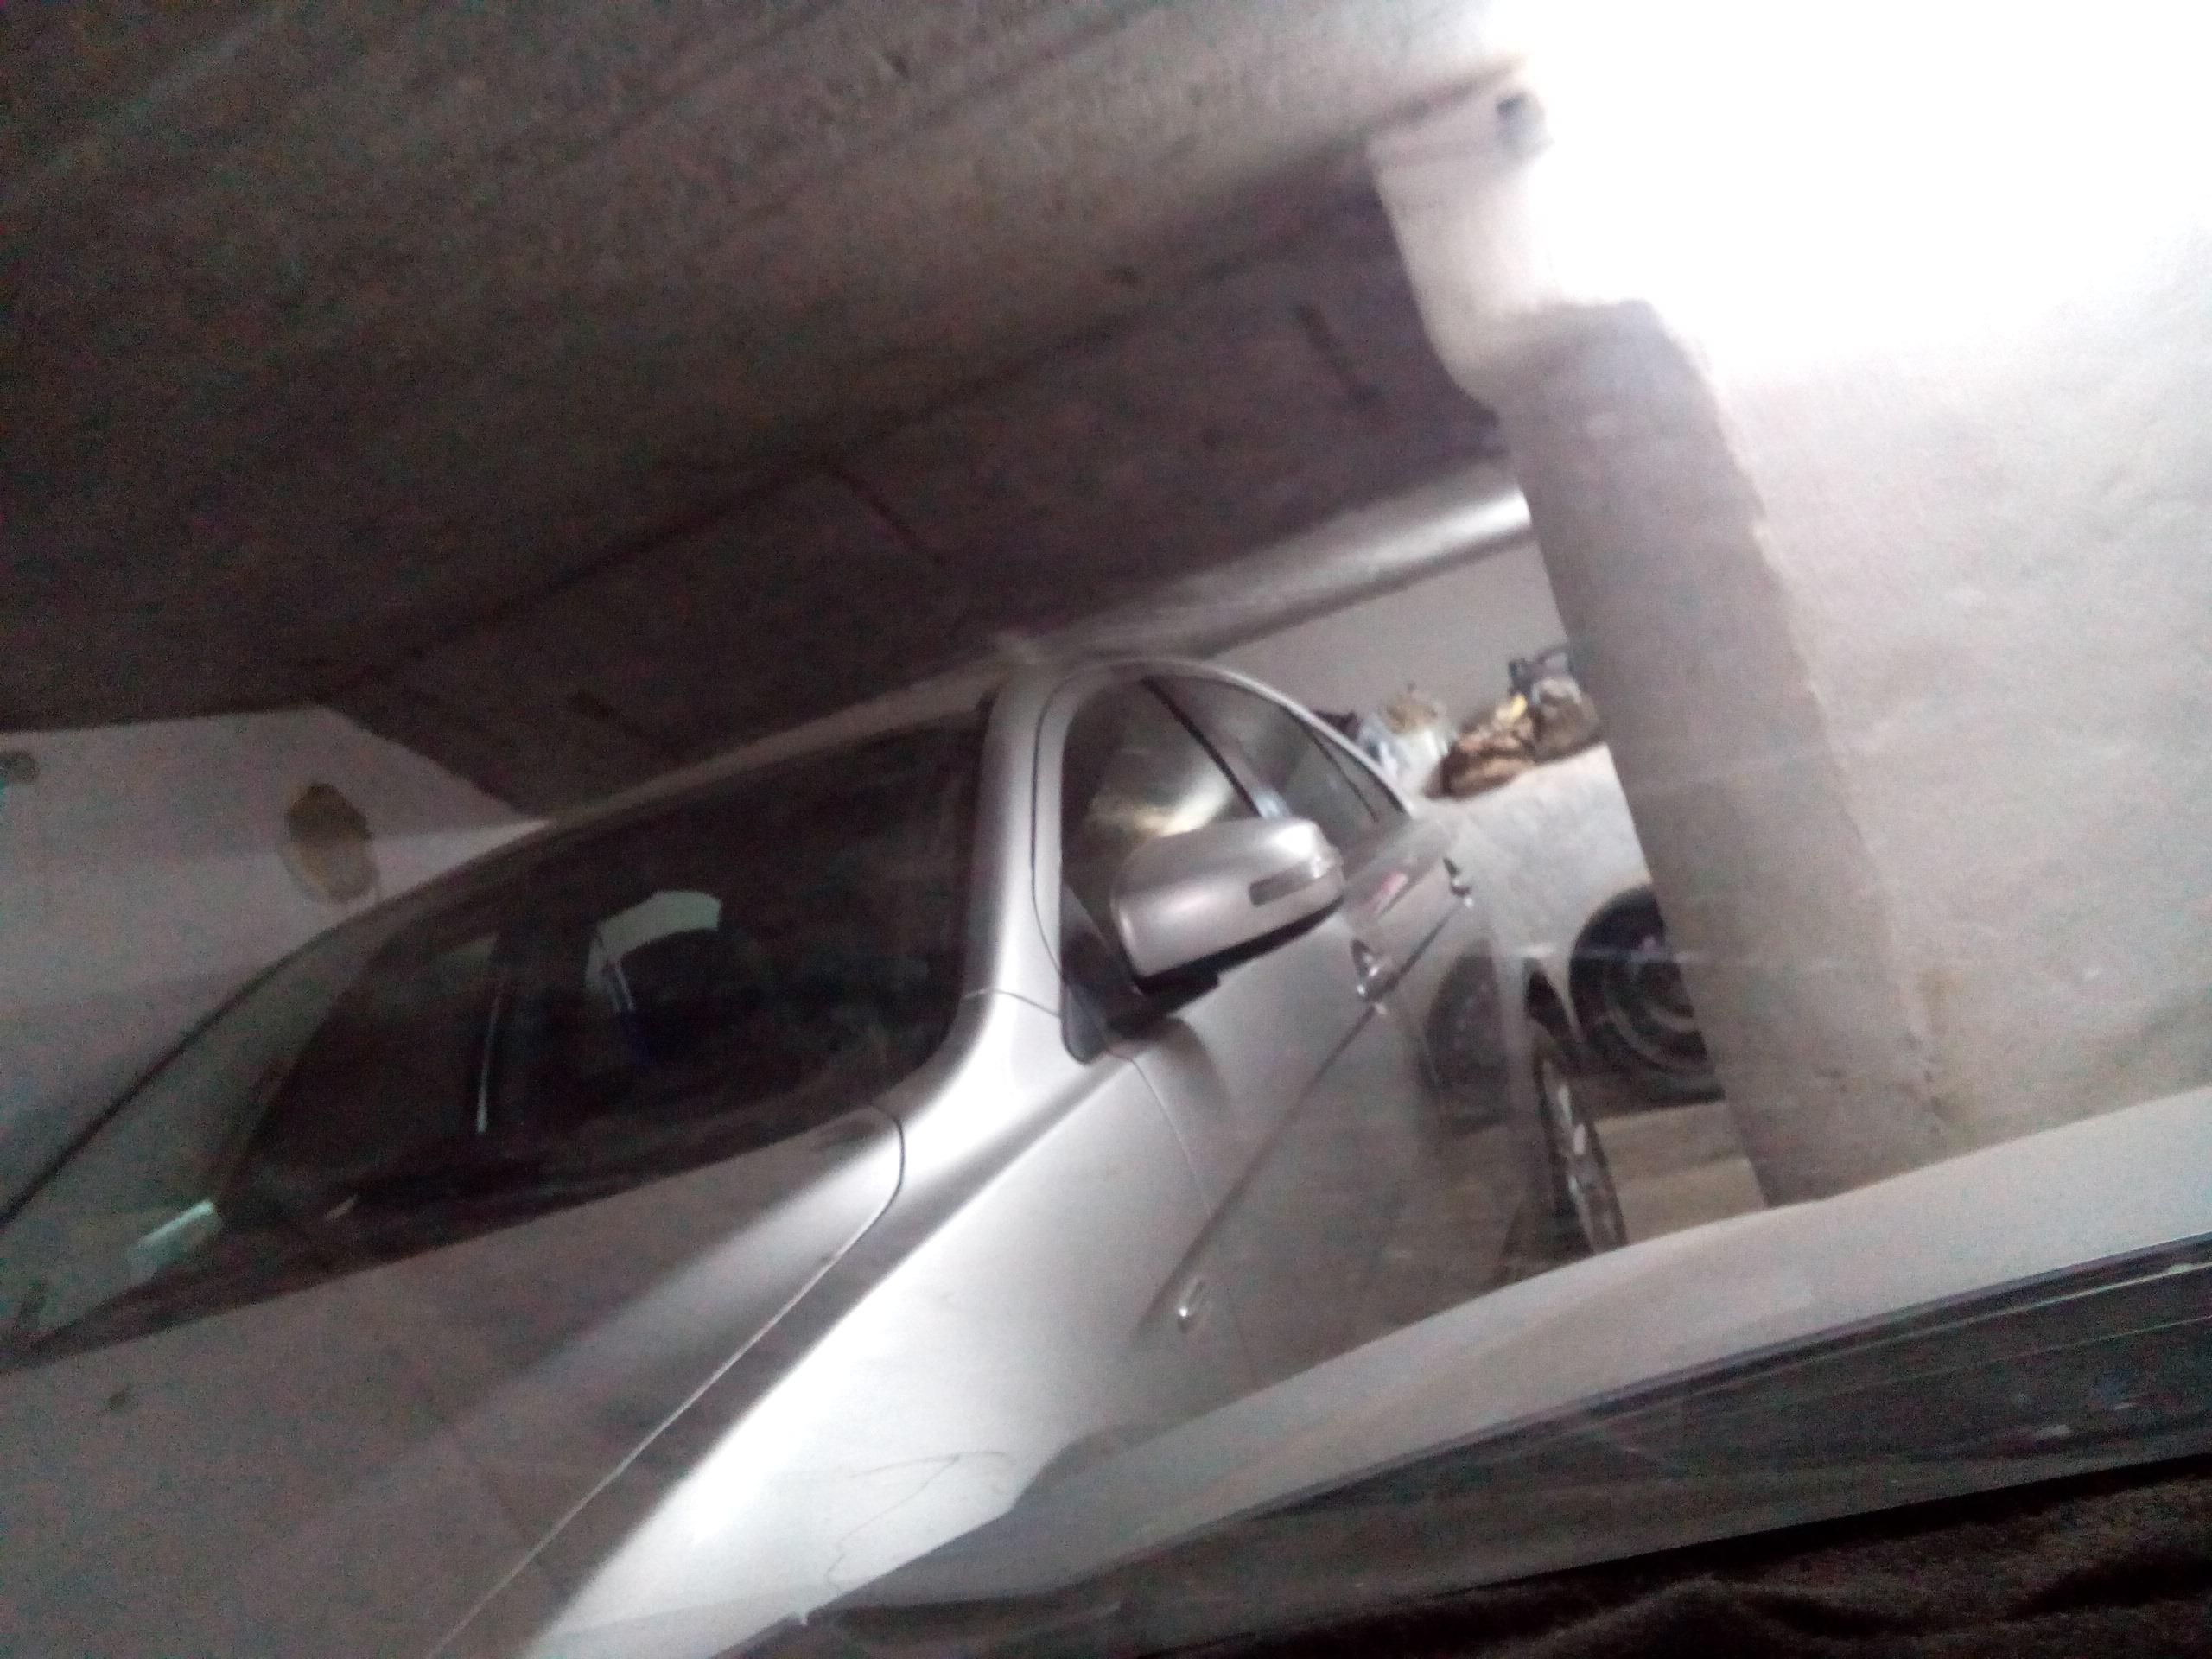 للبيع سياره كيا سيراتو فول اوبشن كامله فول LED وارد-  ميتسوبيشي لانسر شارك 2016...